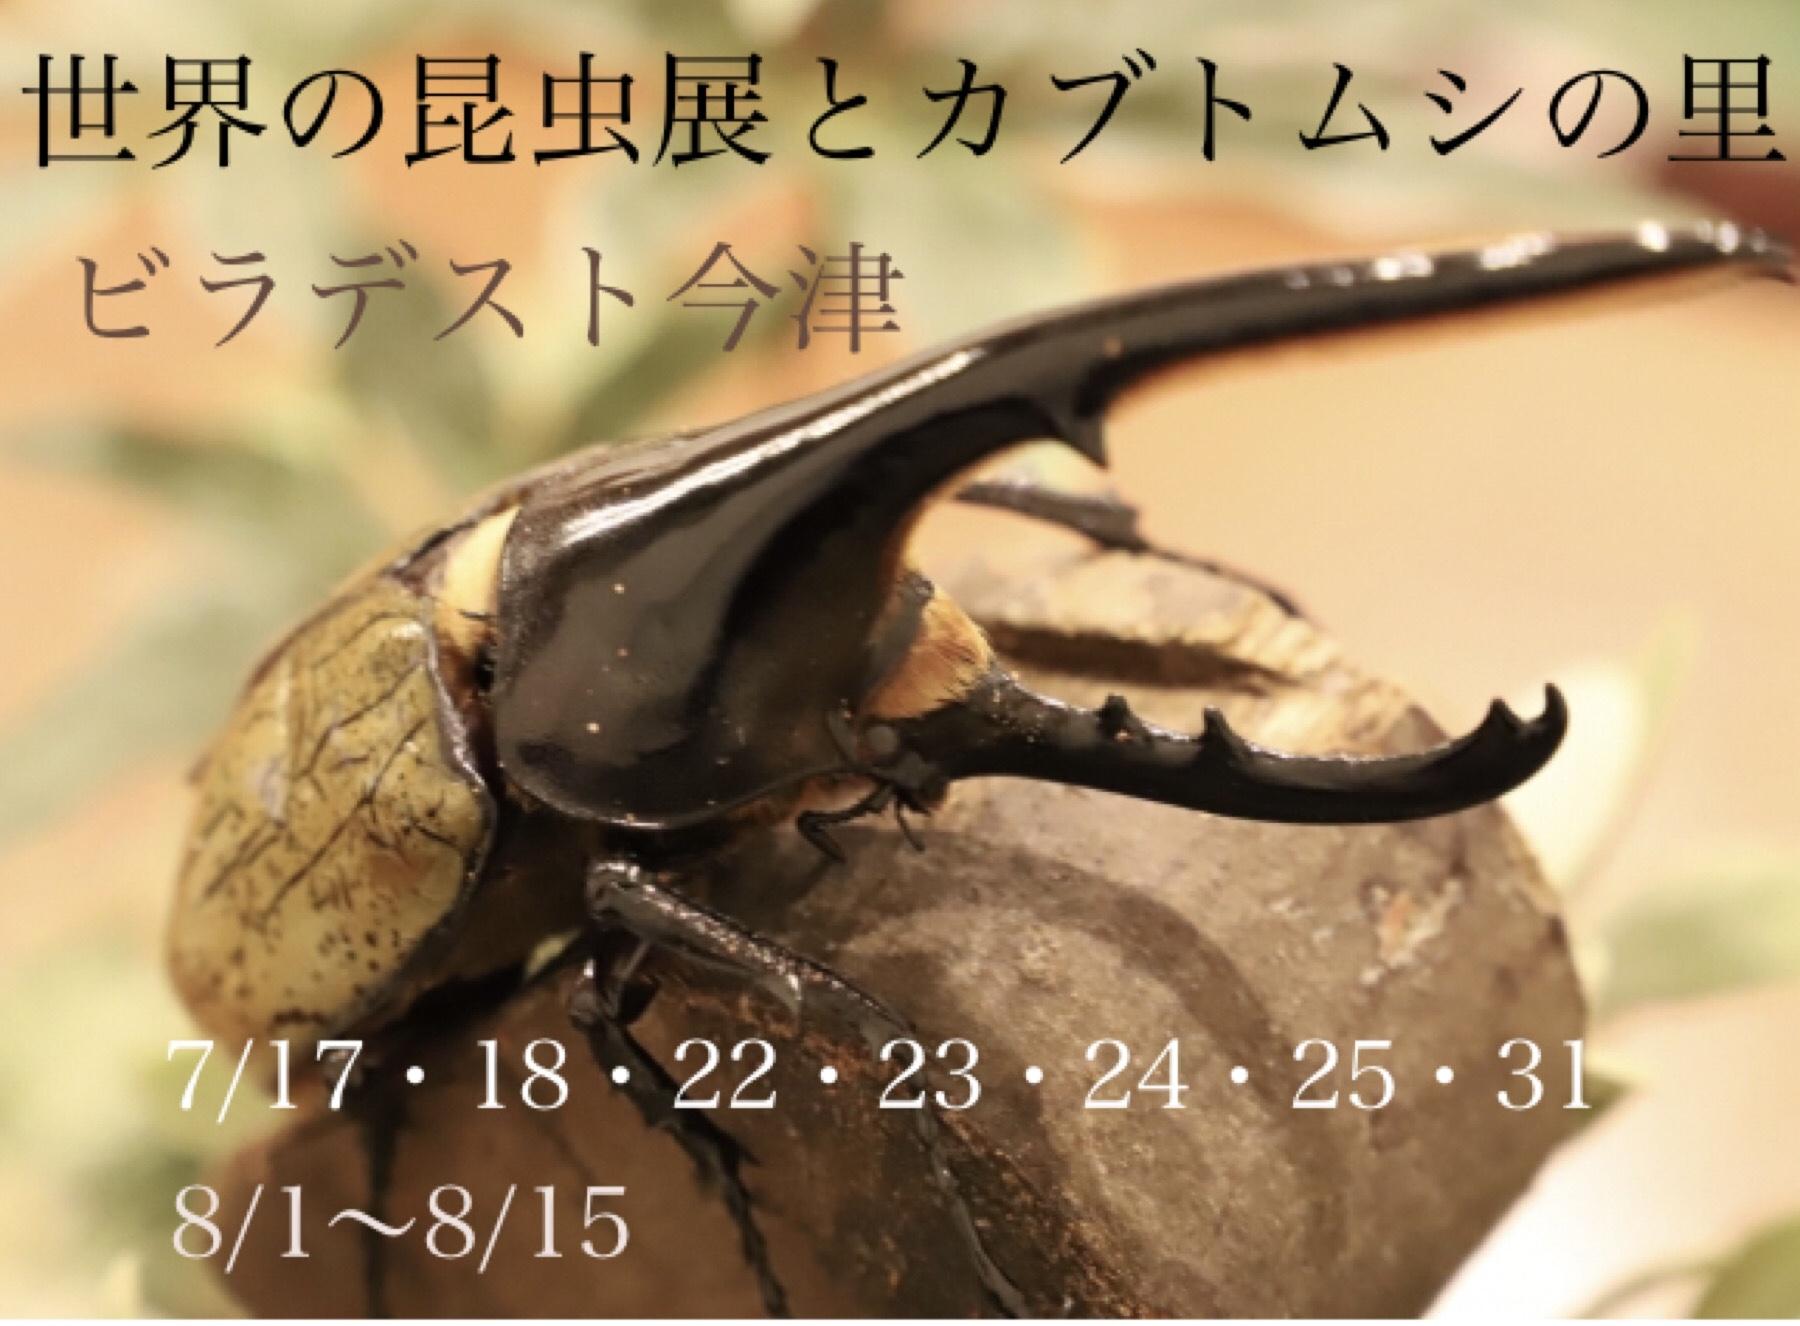 世界の昆虫展とカブトムシの里【7/17~8/15うち22日間】ビラデスト今津